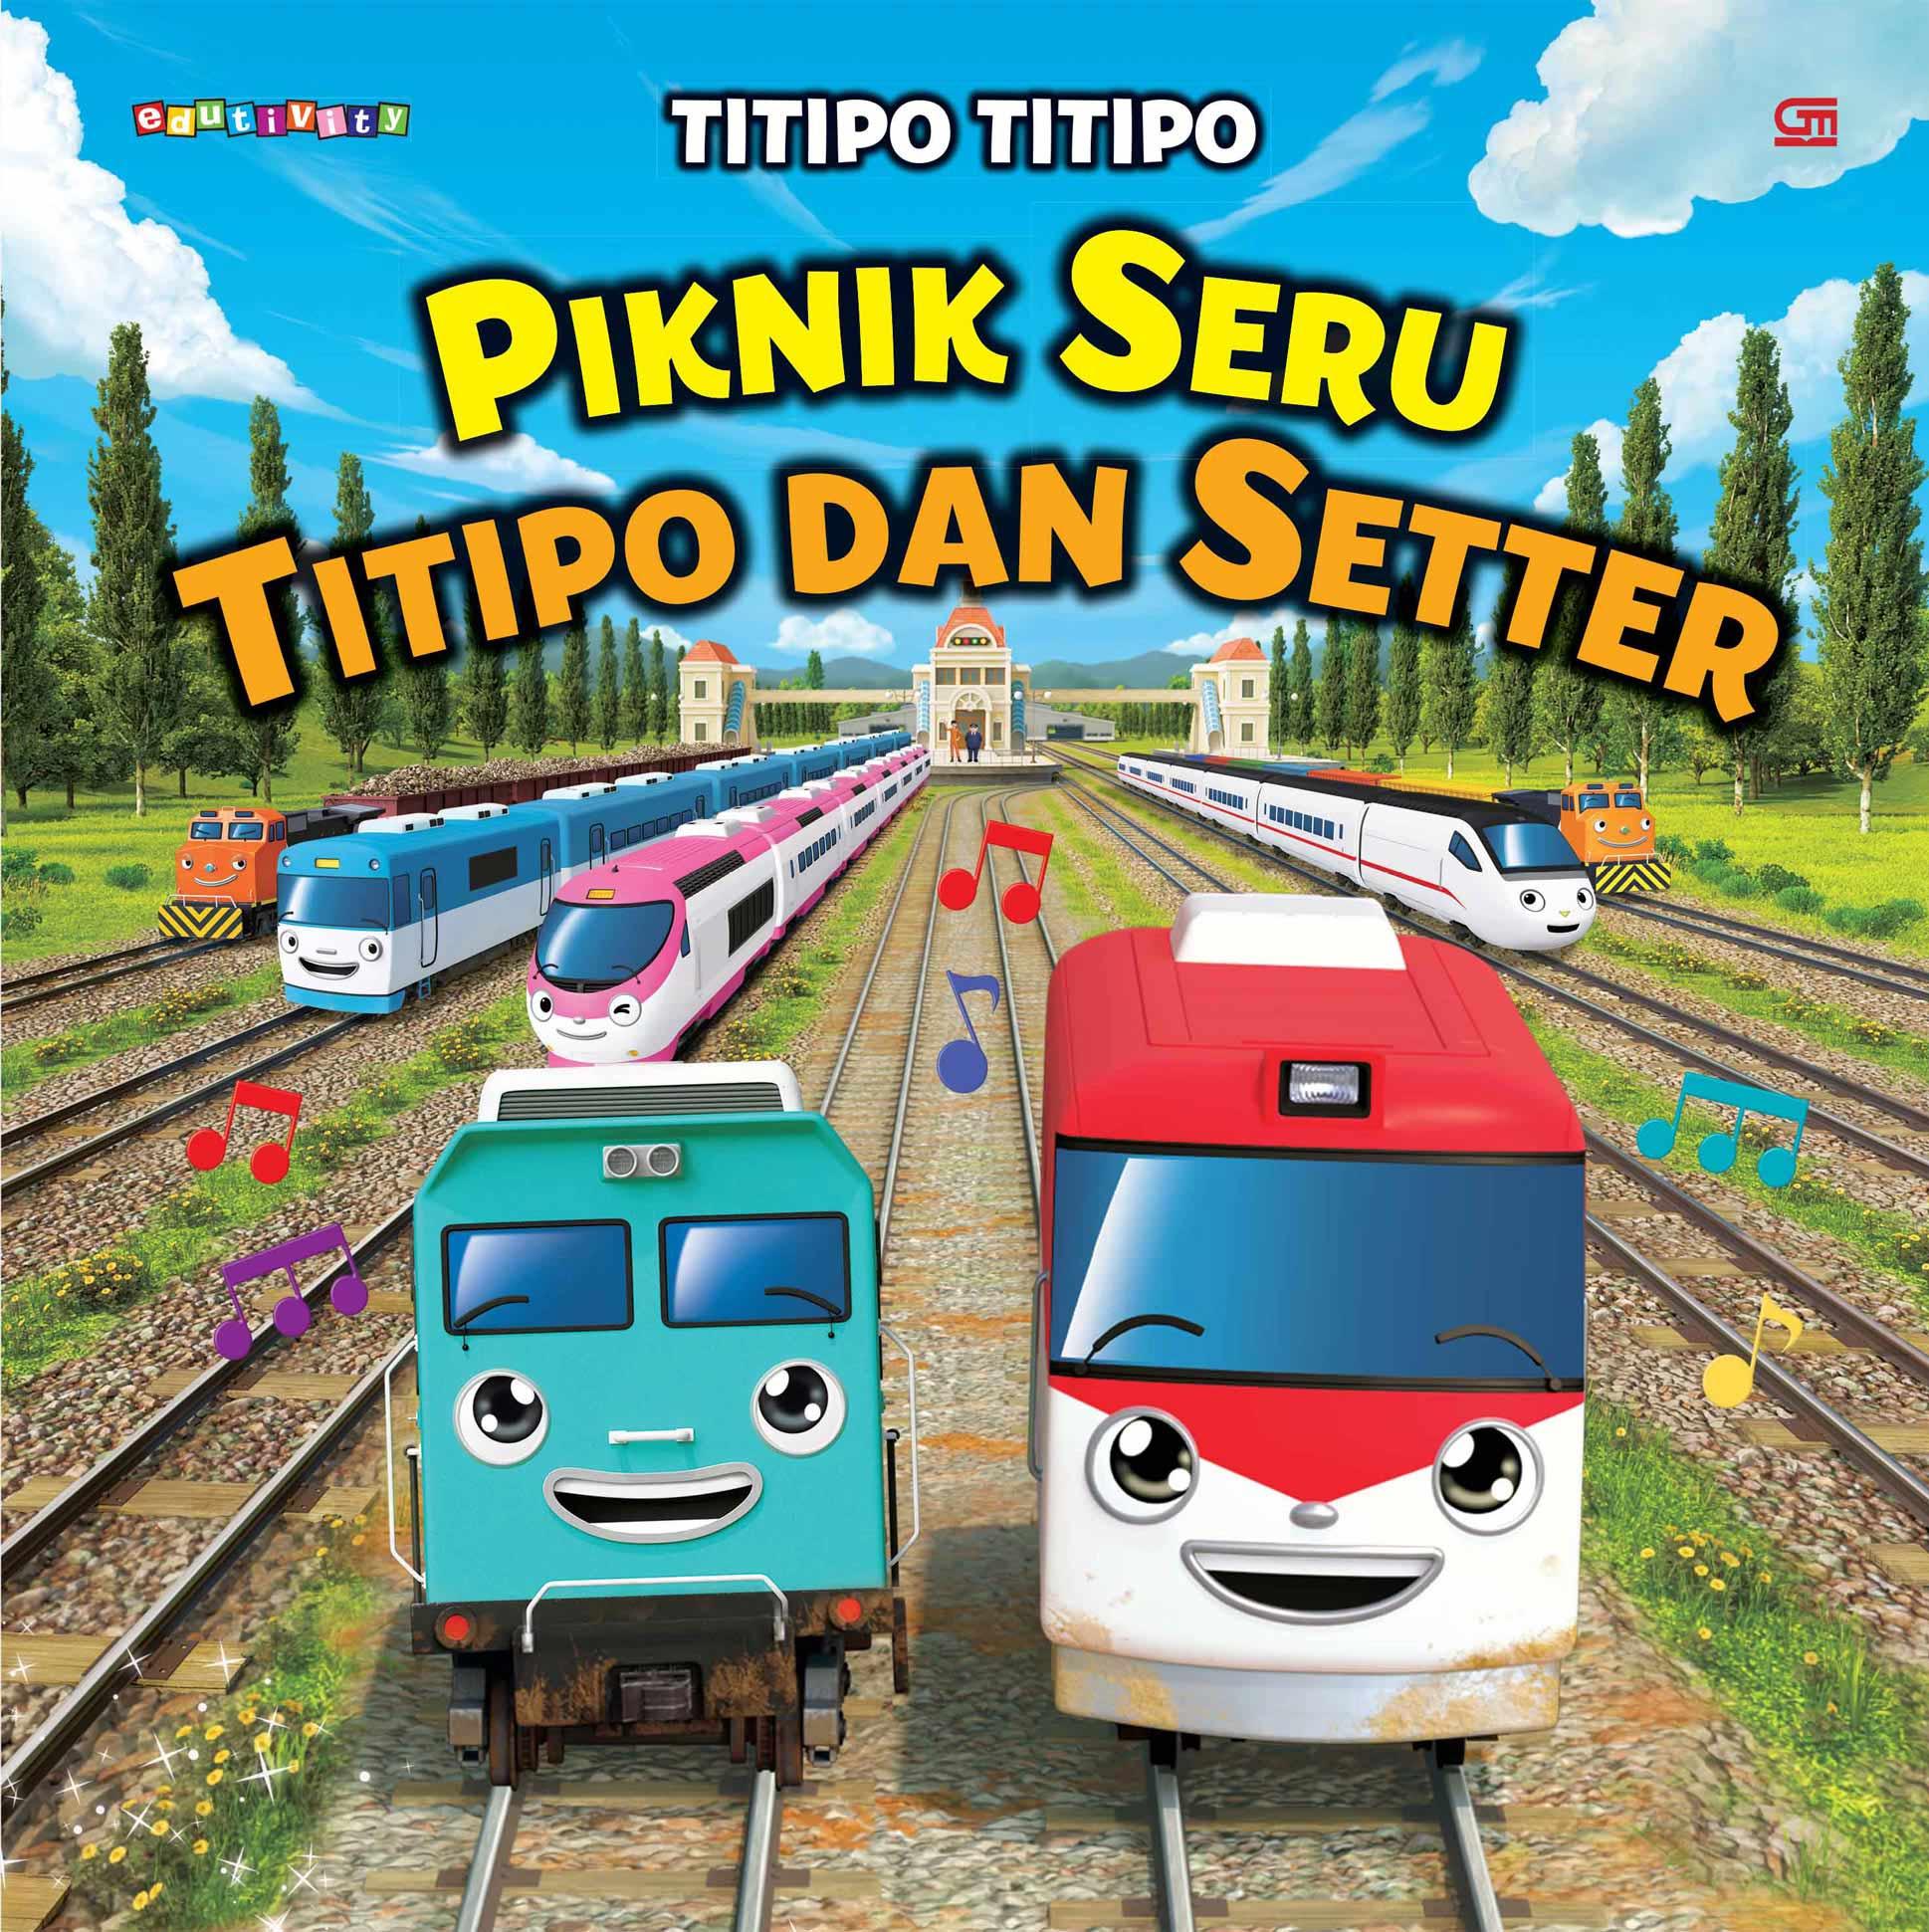 Titipo: Piknik Seru Titipo dan Setter